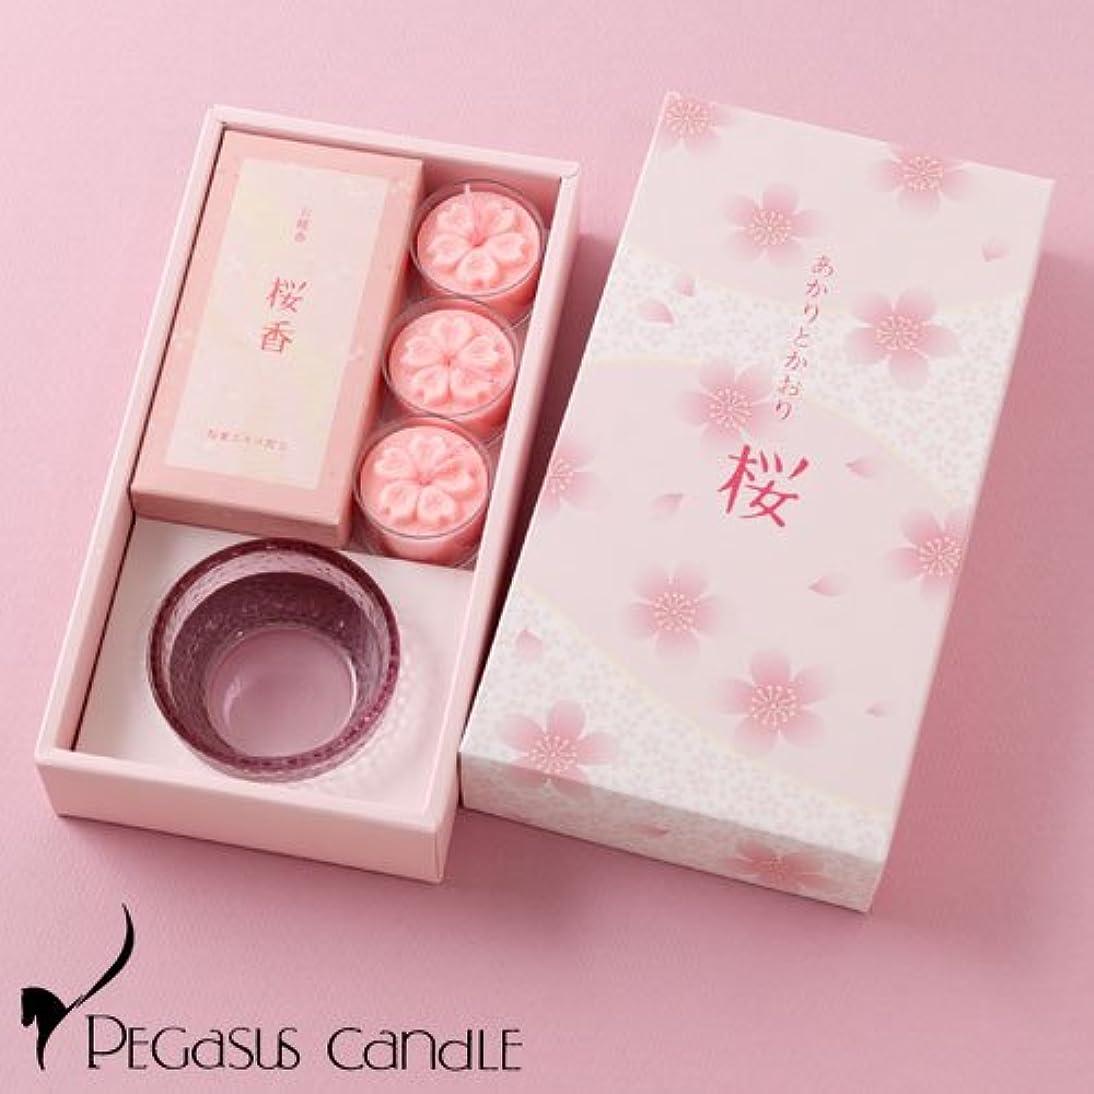 極めて重要なマーチャンダイジング賞賛するあかりとかおり桜キャンドルと線香のセットペガサスキャンドルCandle and incense set